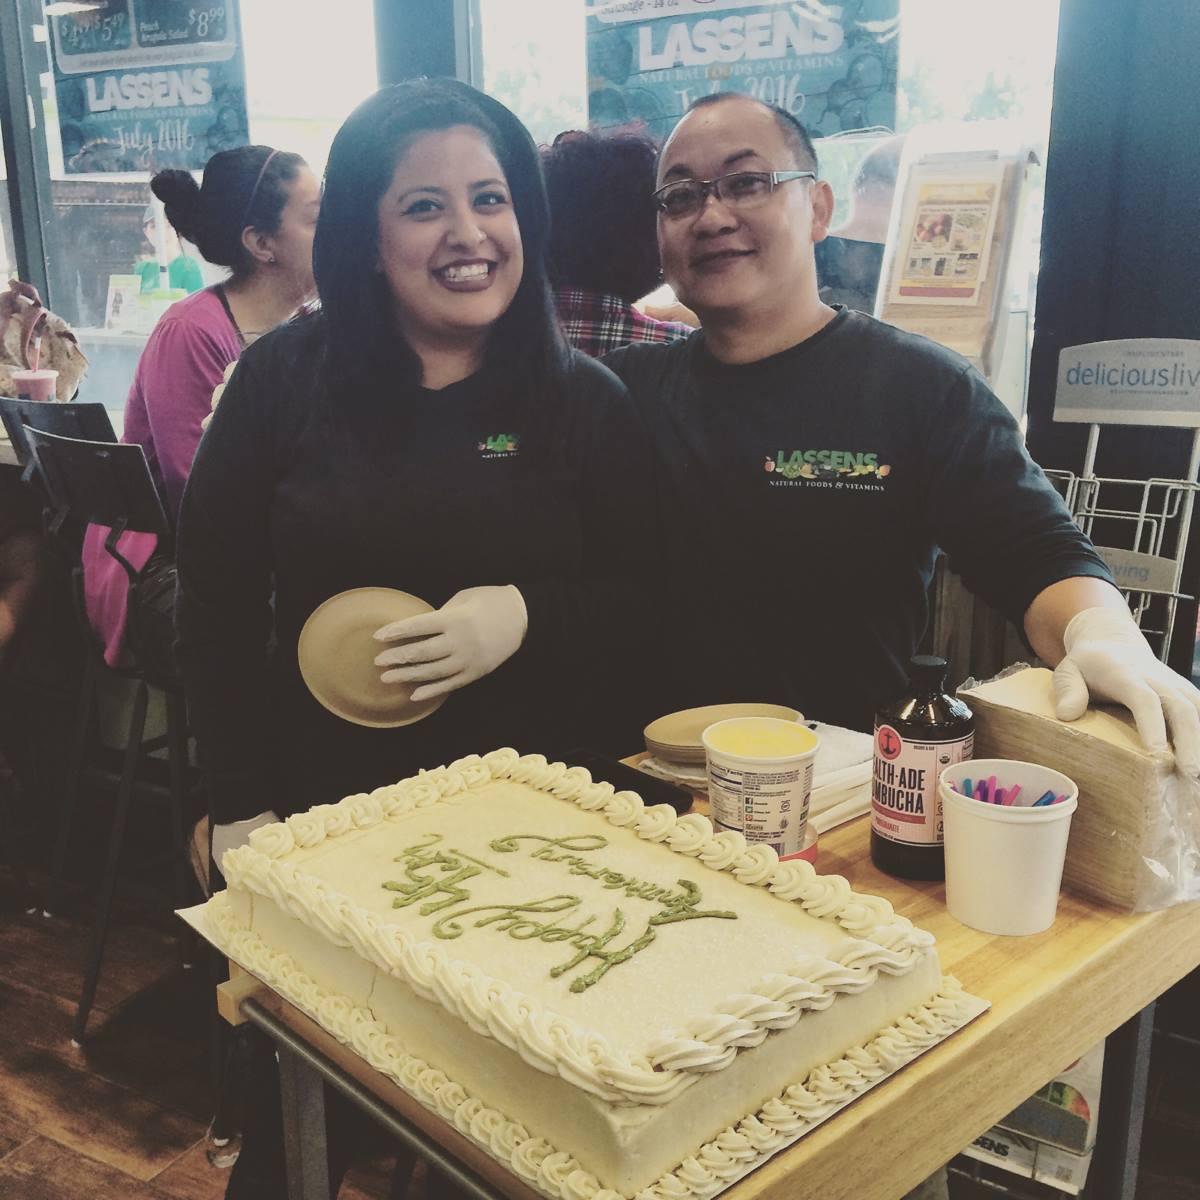 Lassens+anniversary, Natural+foods+store, Lassens+natural+foods,